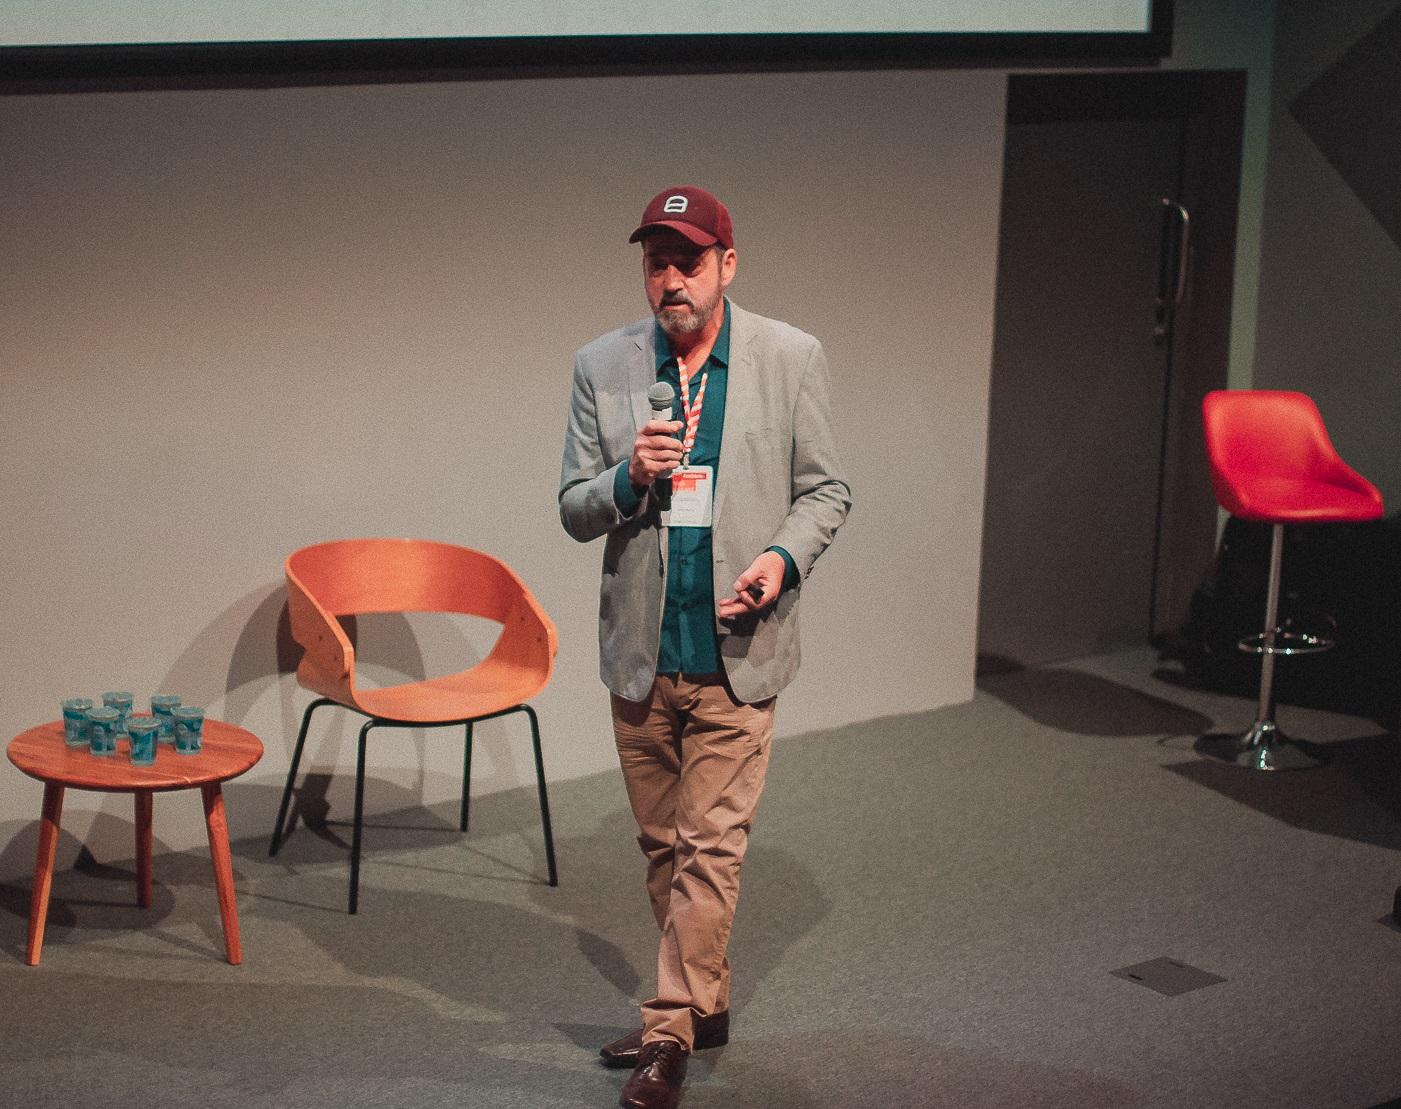 WeBitcoin: Plubr: Pré-lançamento de rede social baseada em blockchain acontece em São Paulo